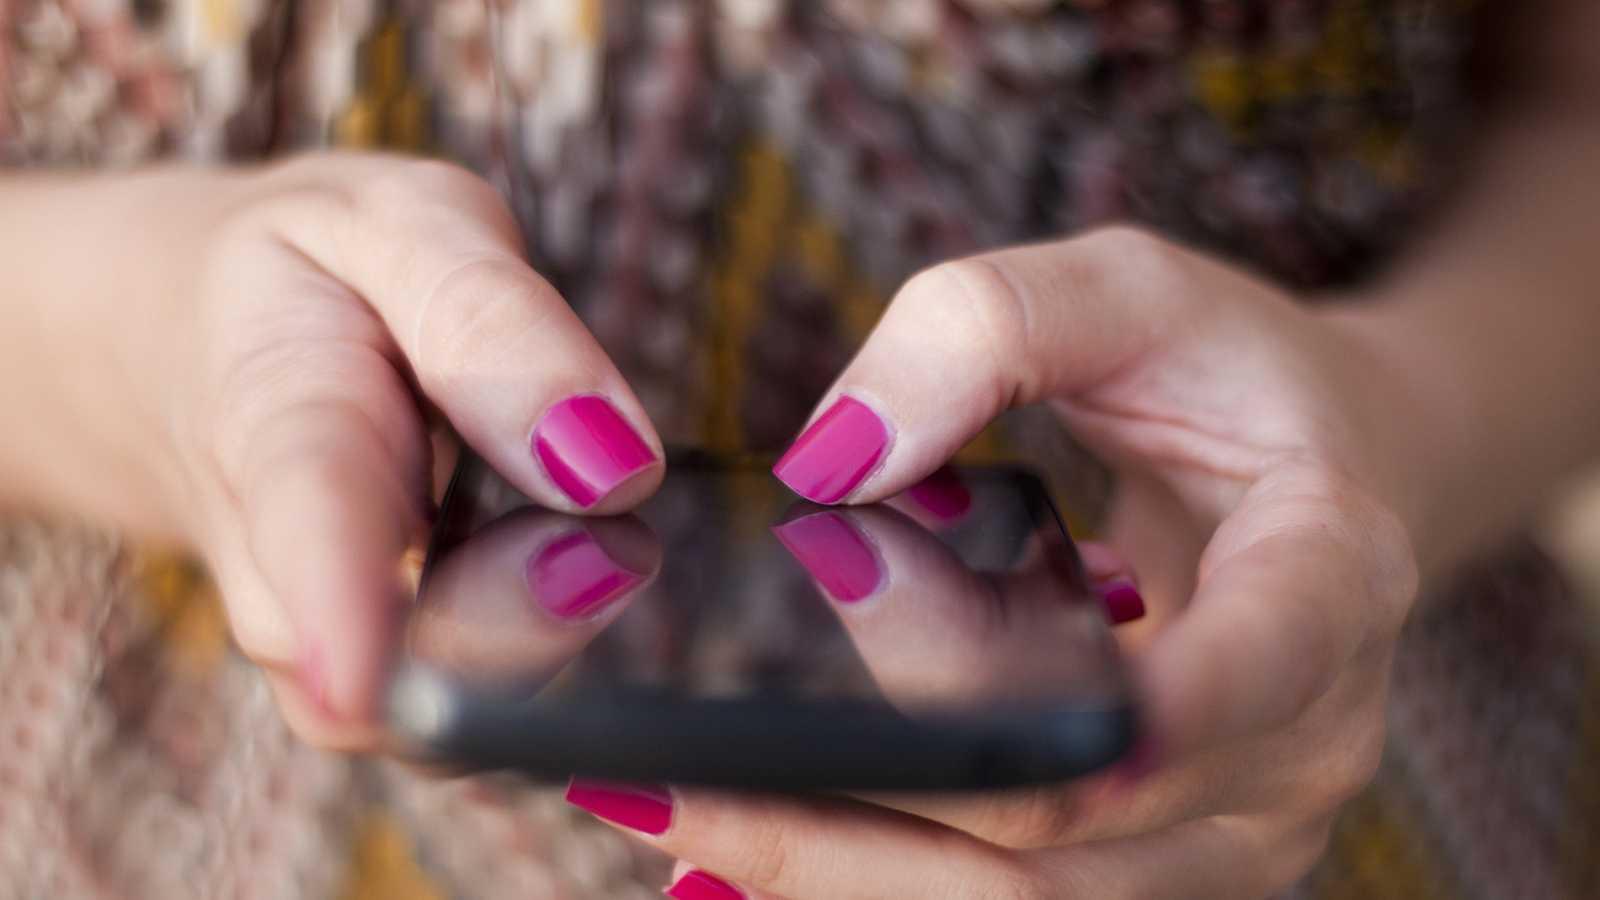 Cuatro niñas de once años desarrollan una aplicación que detecta el acoso escolar